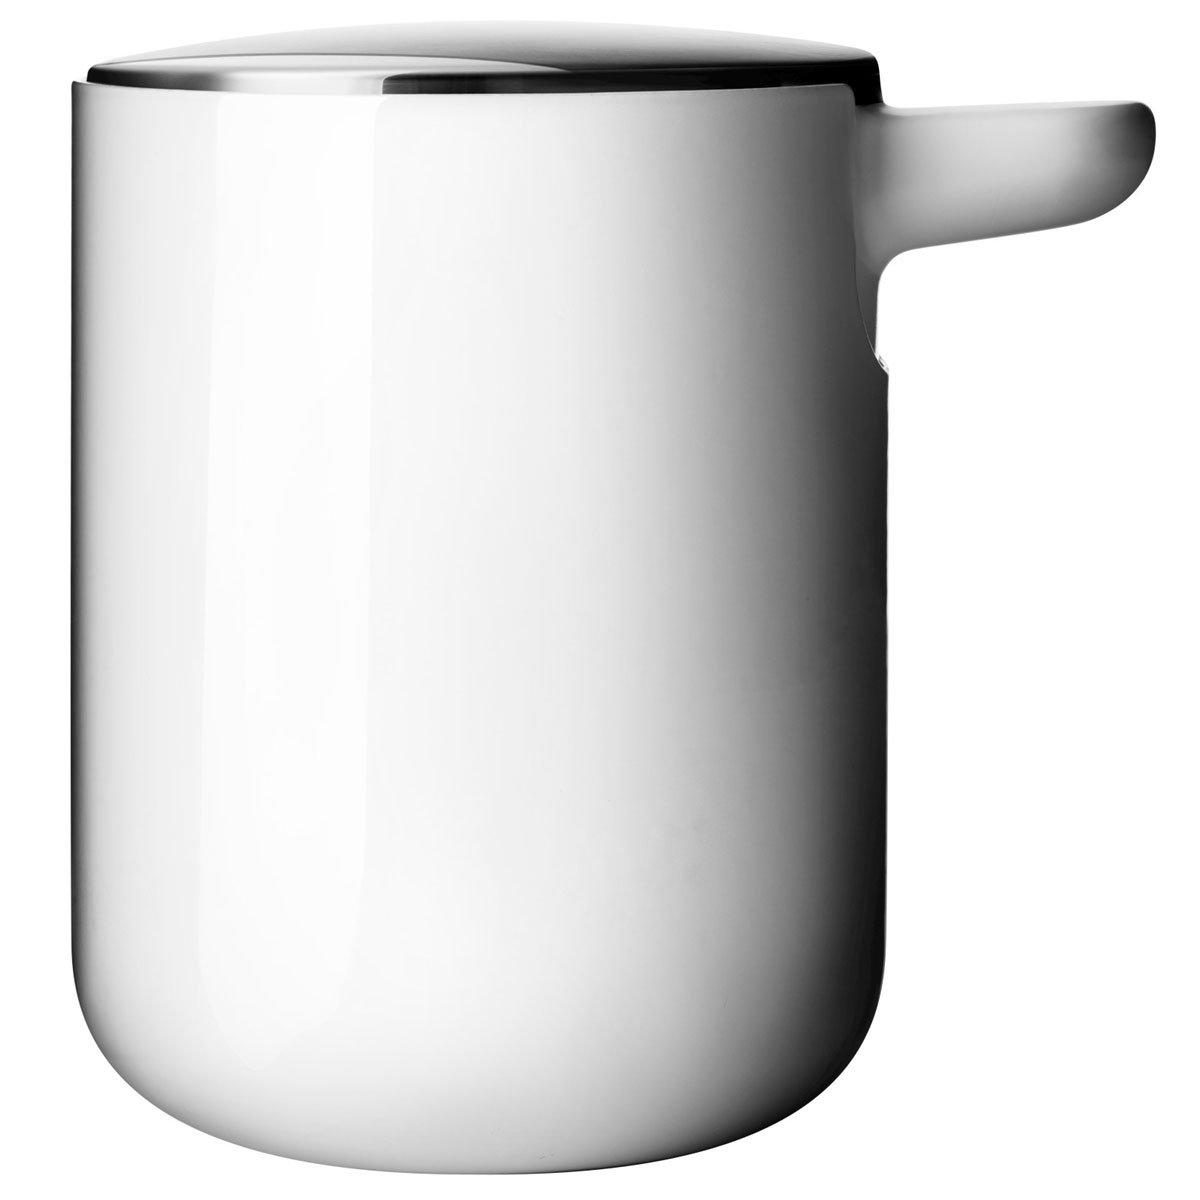 men-u Menu Norm - Dispensador de jabón, plástico, blanco, talla única: Amazon.es: Hogar